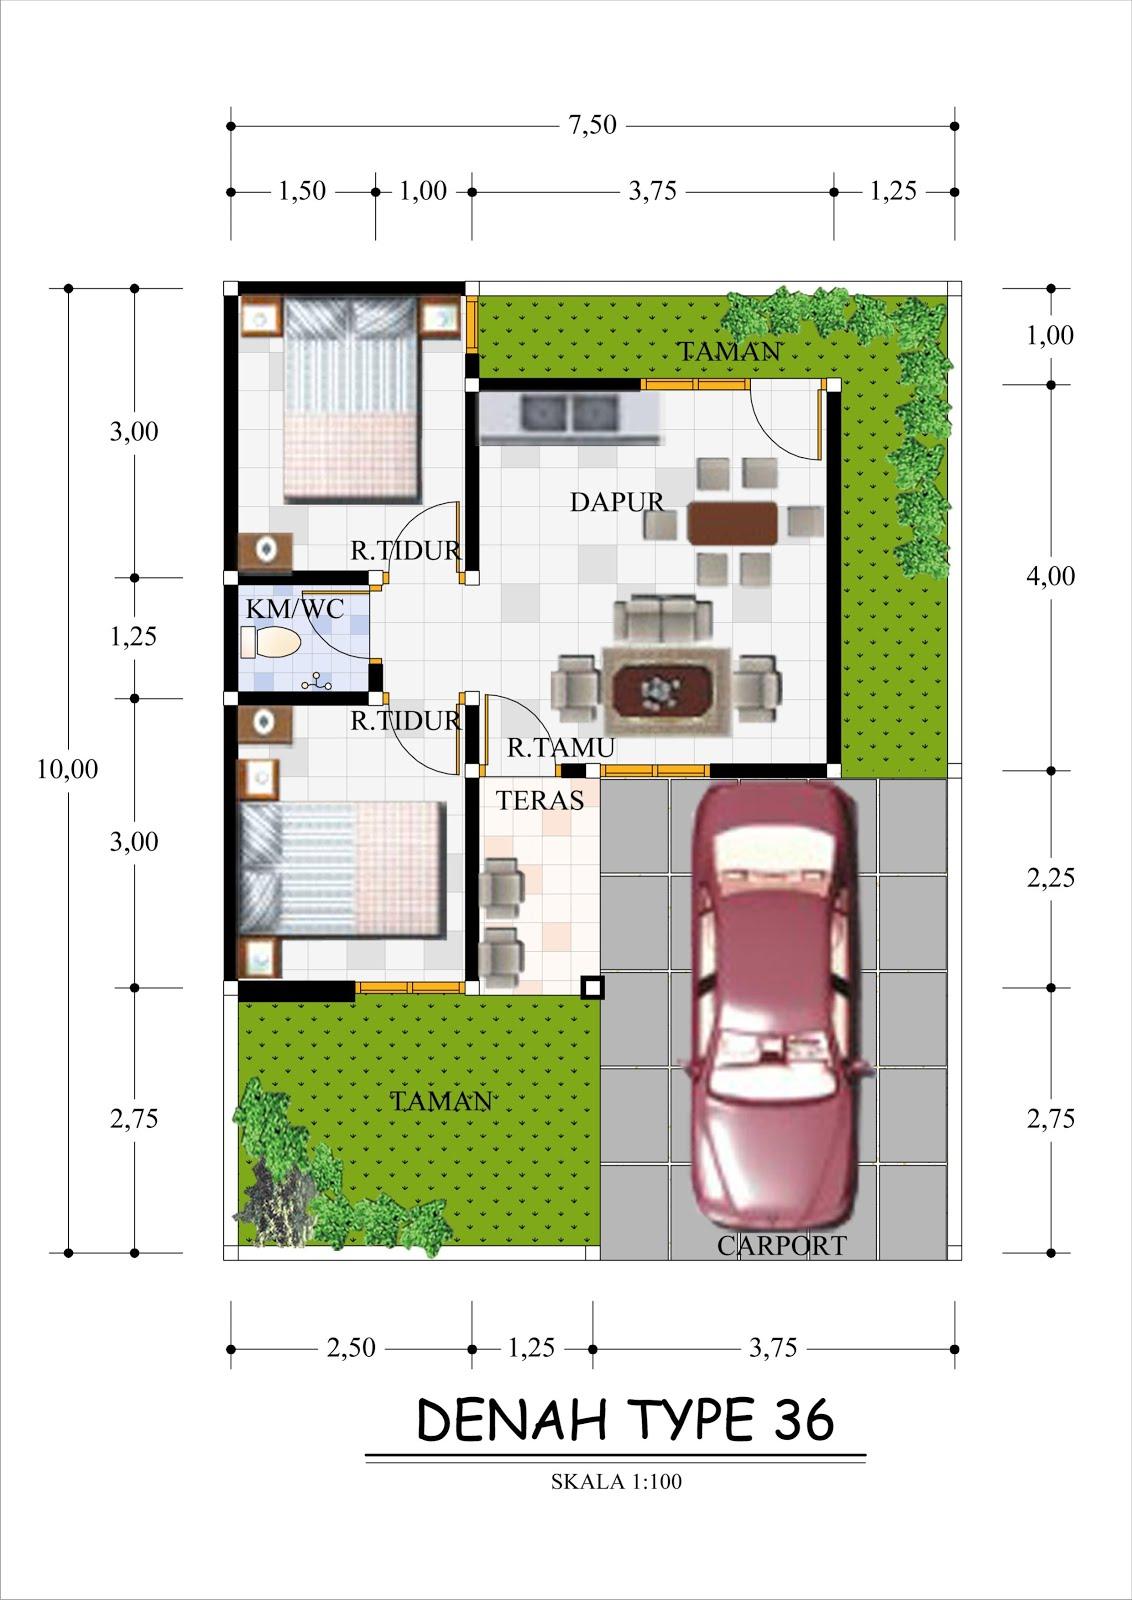 30 Denah Rumah Minimalis Tipe 36 1 Lantai Rumahku Unik